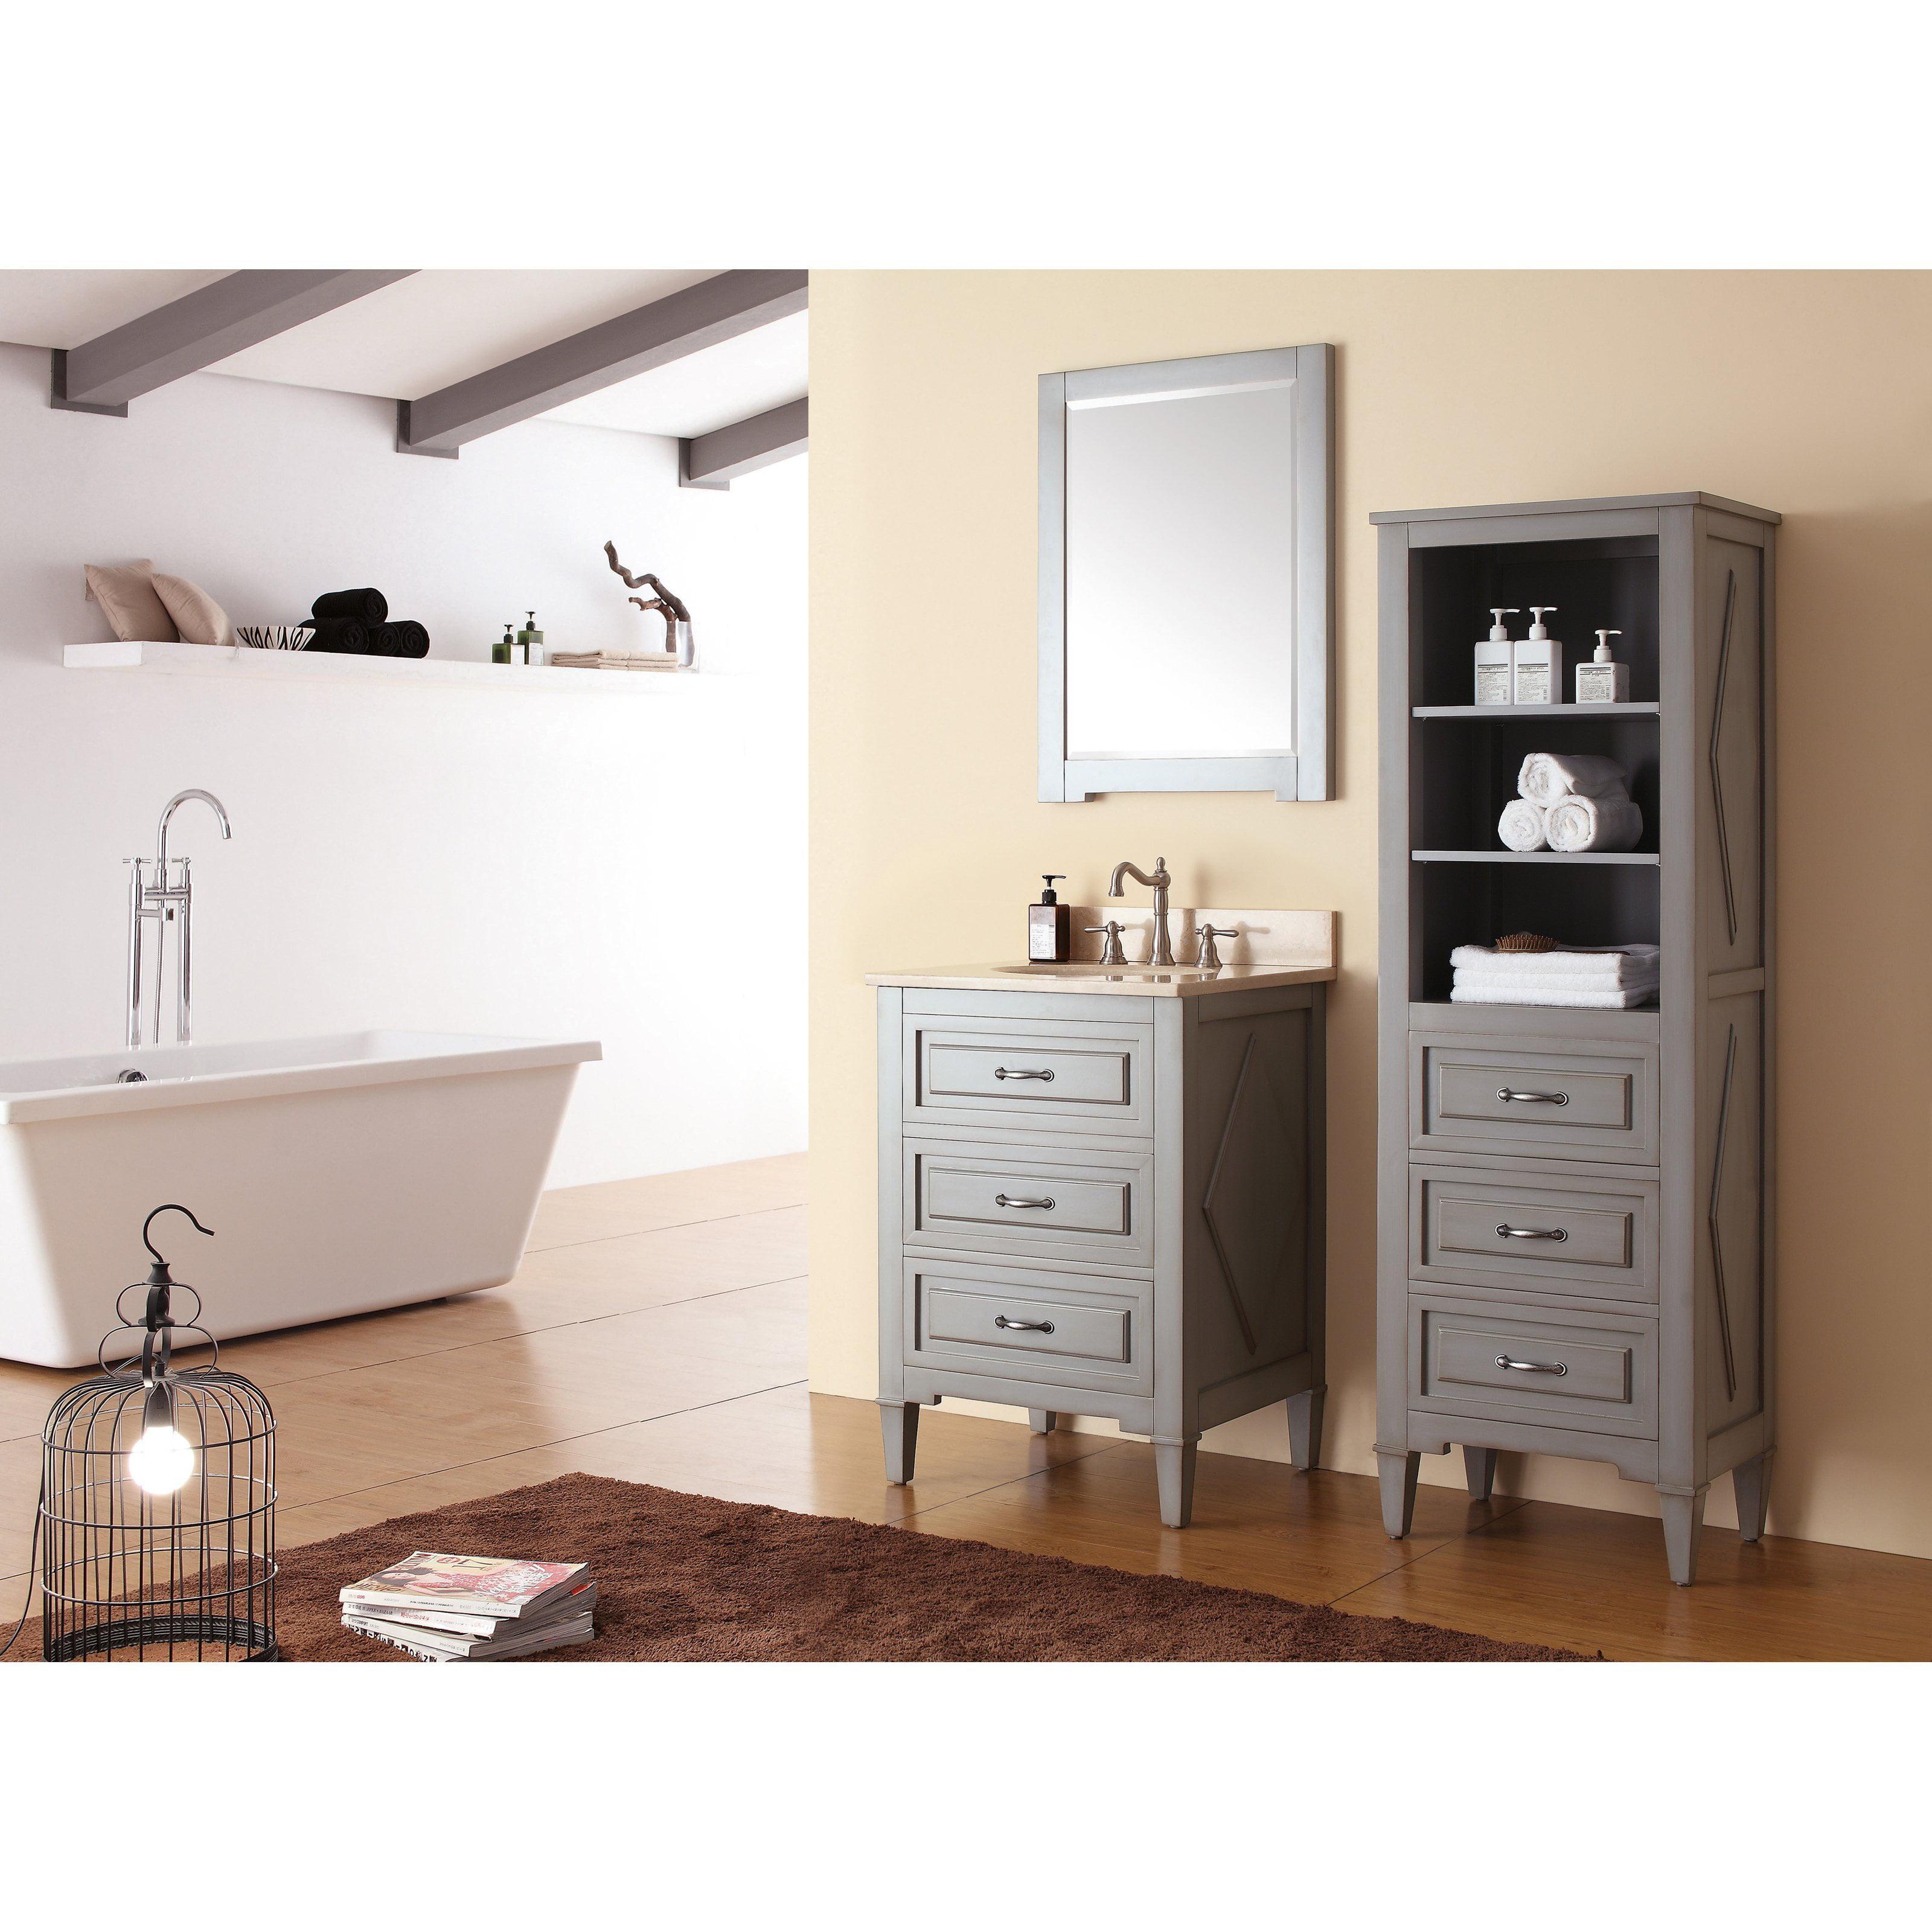 Avanity KELLY-VS24-GB Kelly 24-in. Single Bathroom Vanity